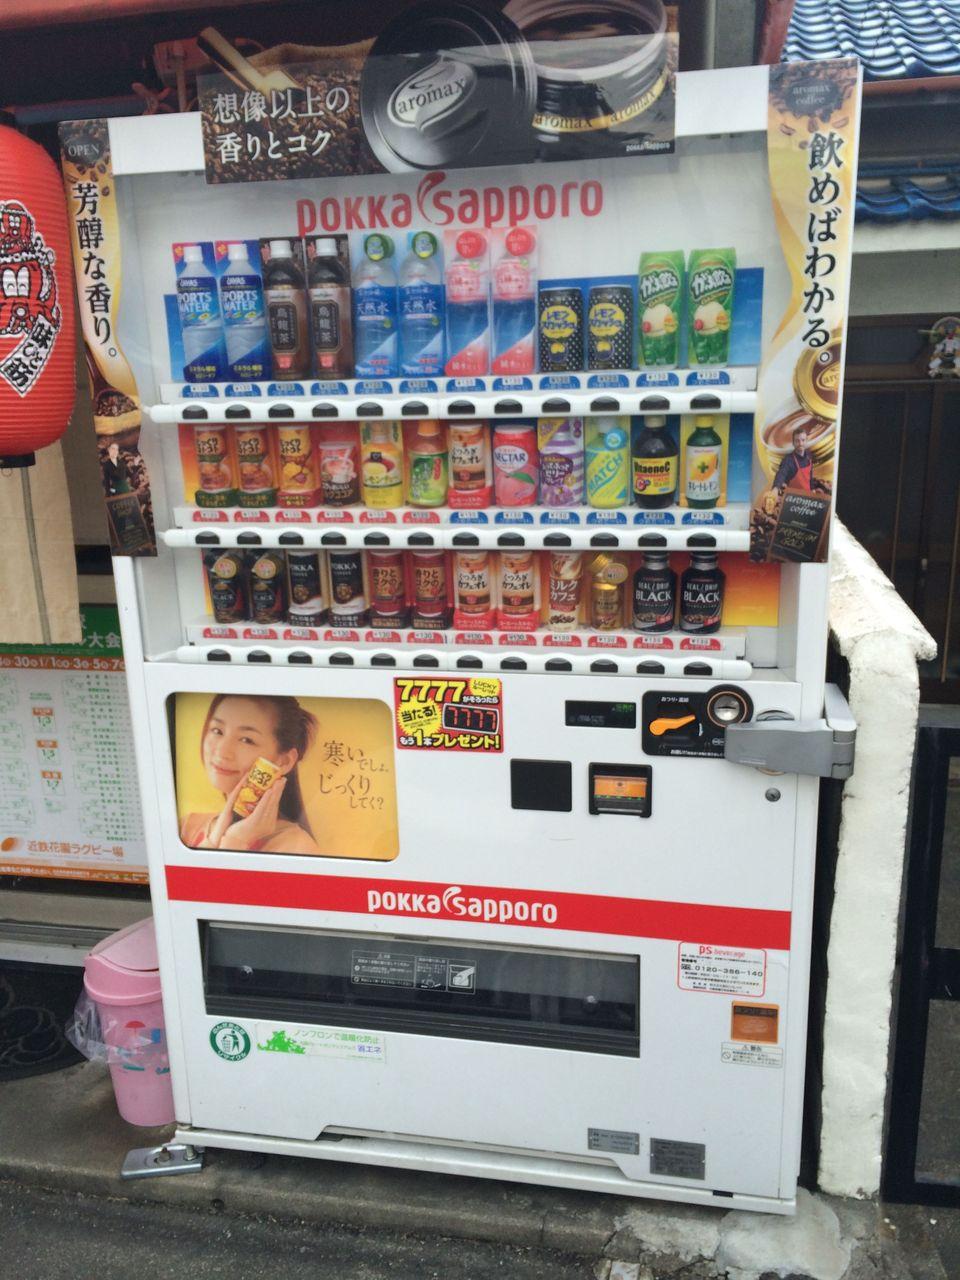 尾野真千子@ポッカサッポロ自動販売機広告-2